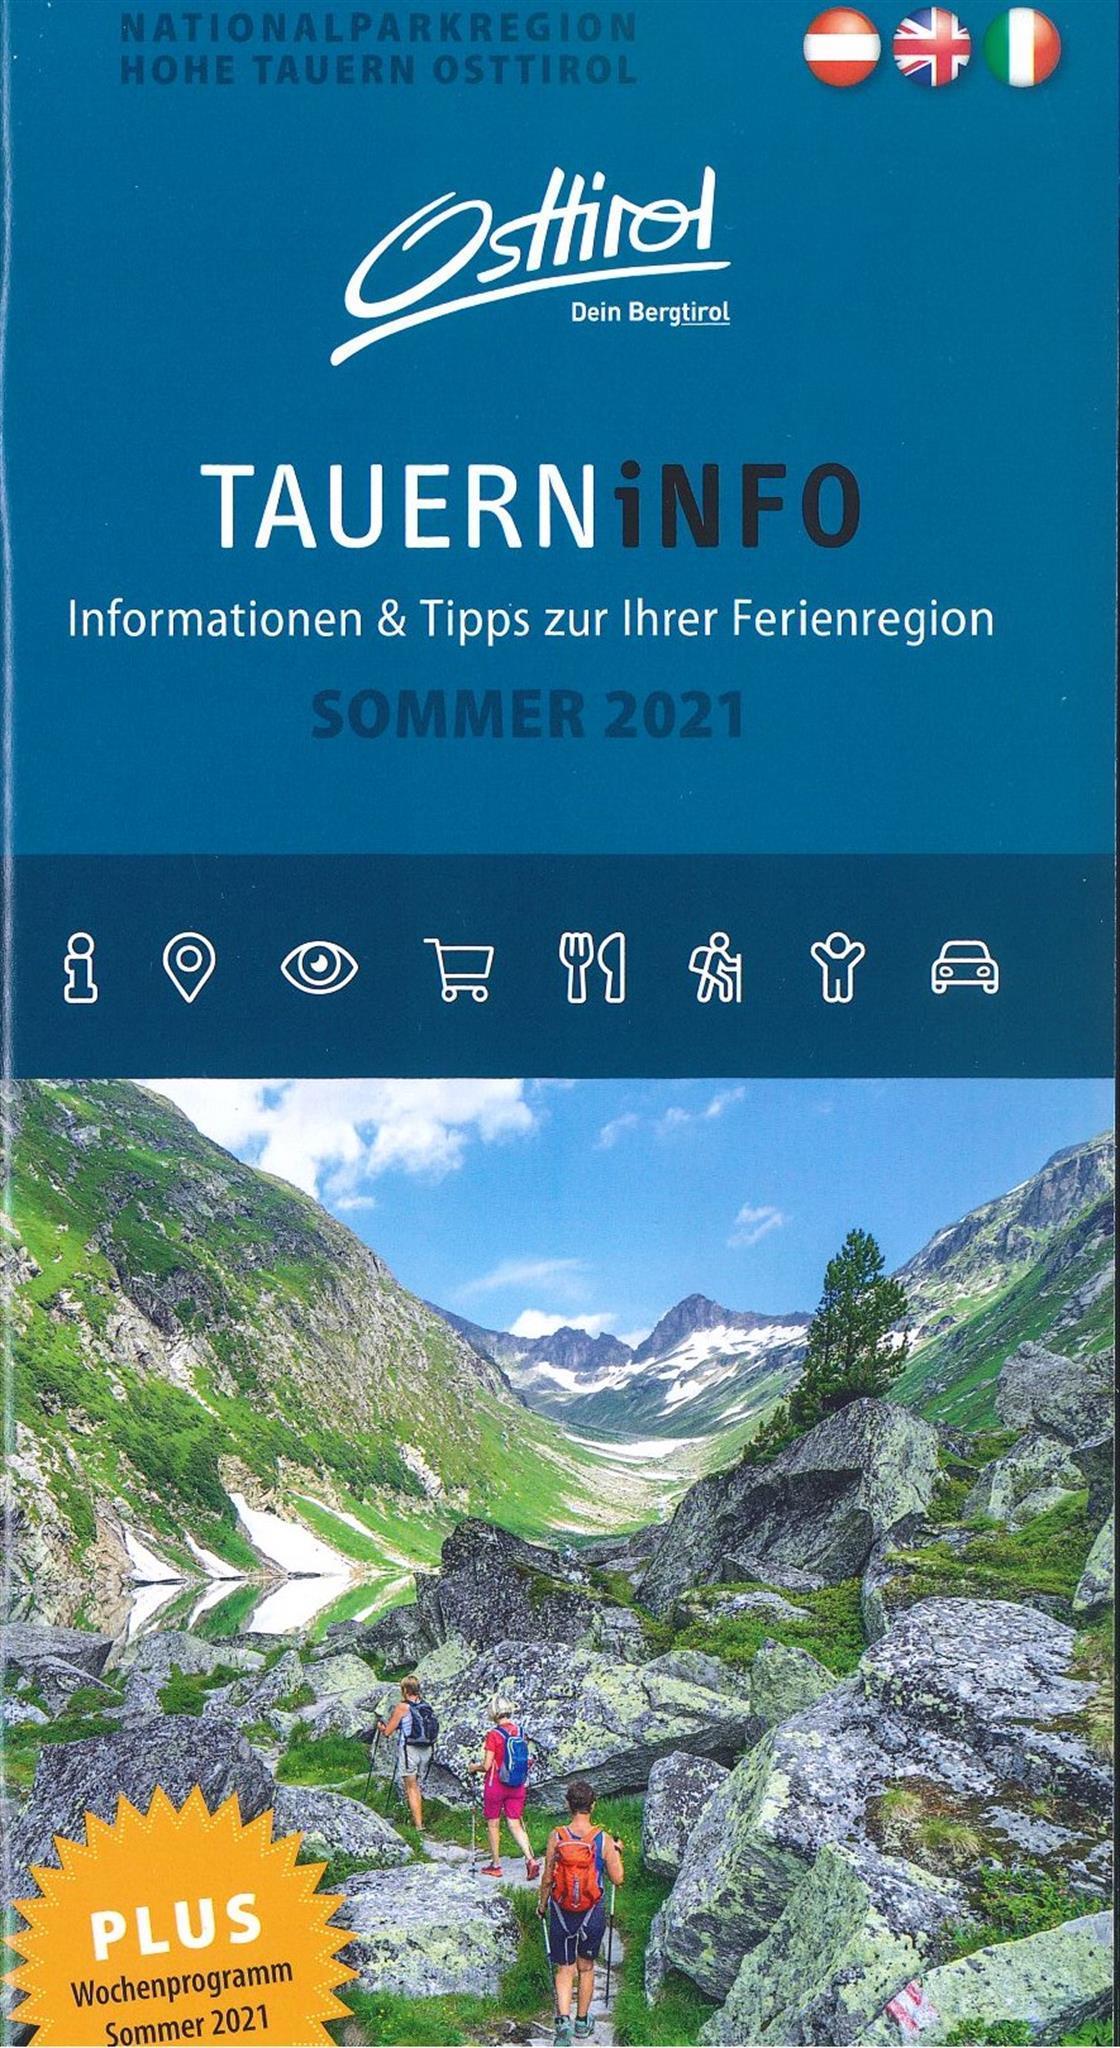 Tauern-Info-2021.jpg